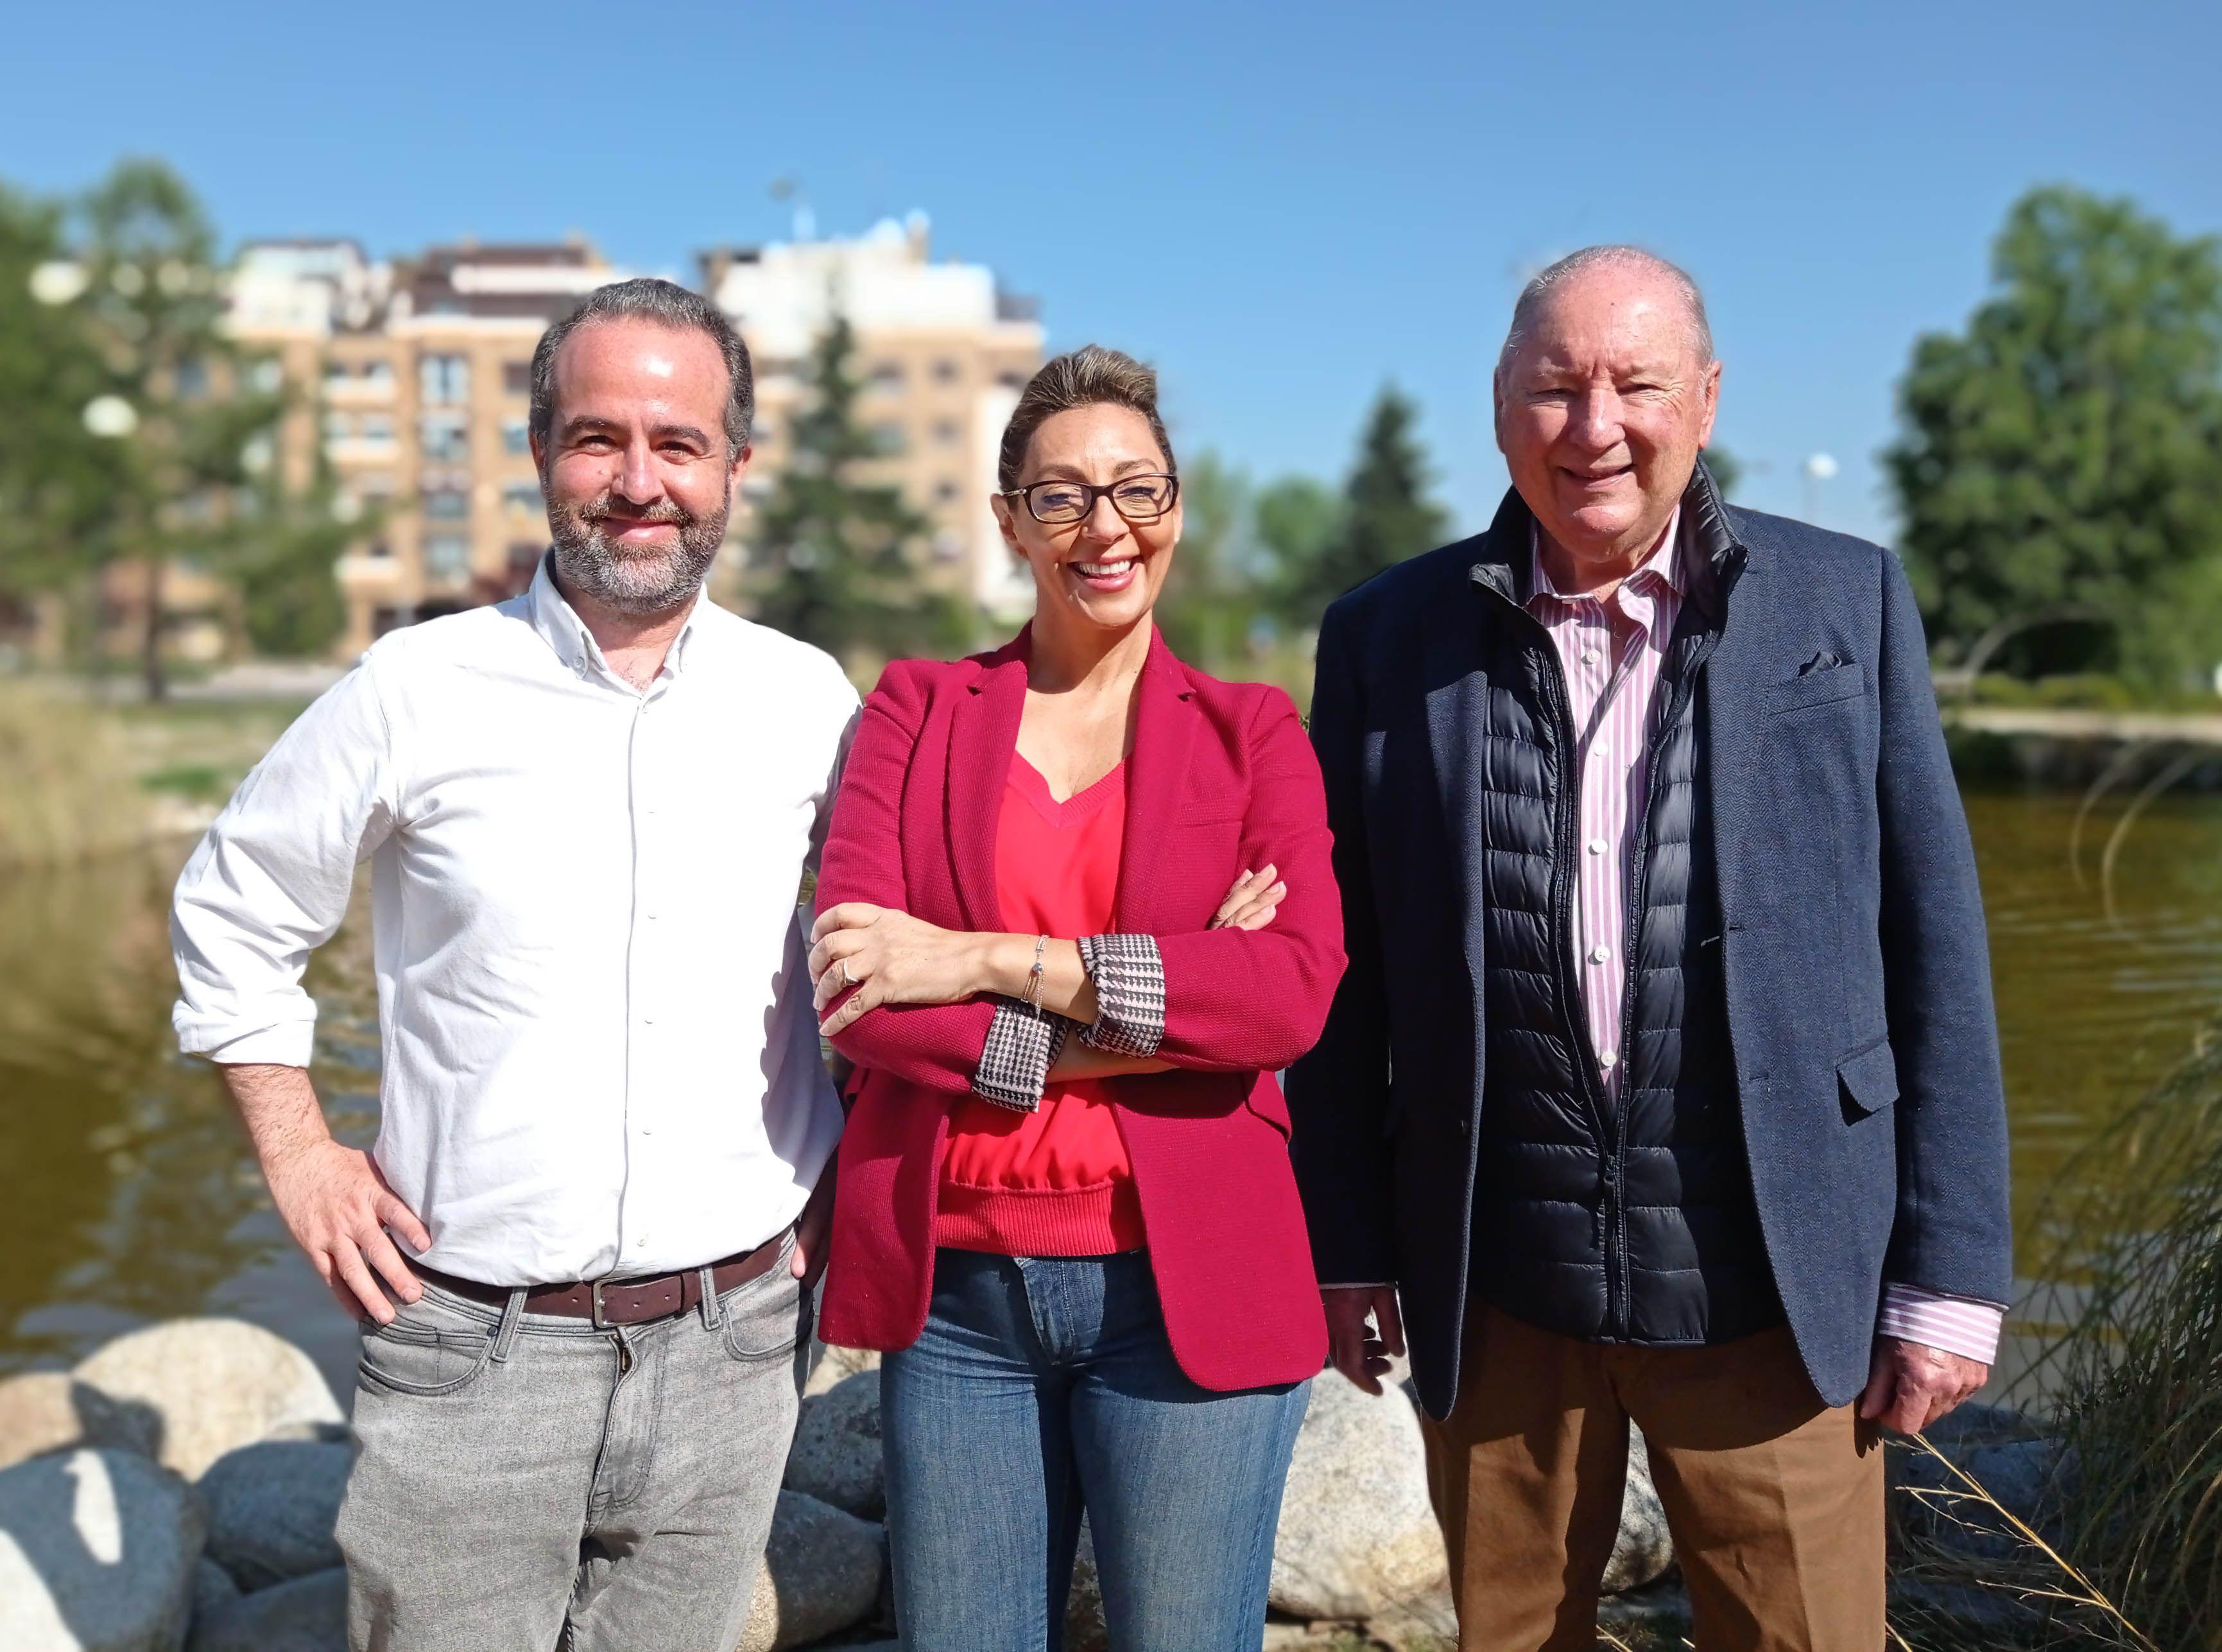 Fotografia José Luis Cáceres, Mariló Sánchez-Fuentes y Rodolfo